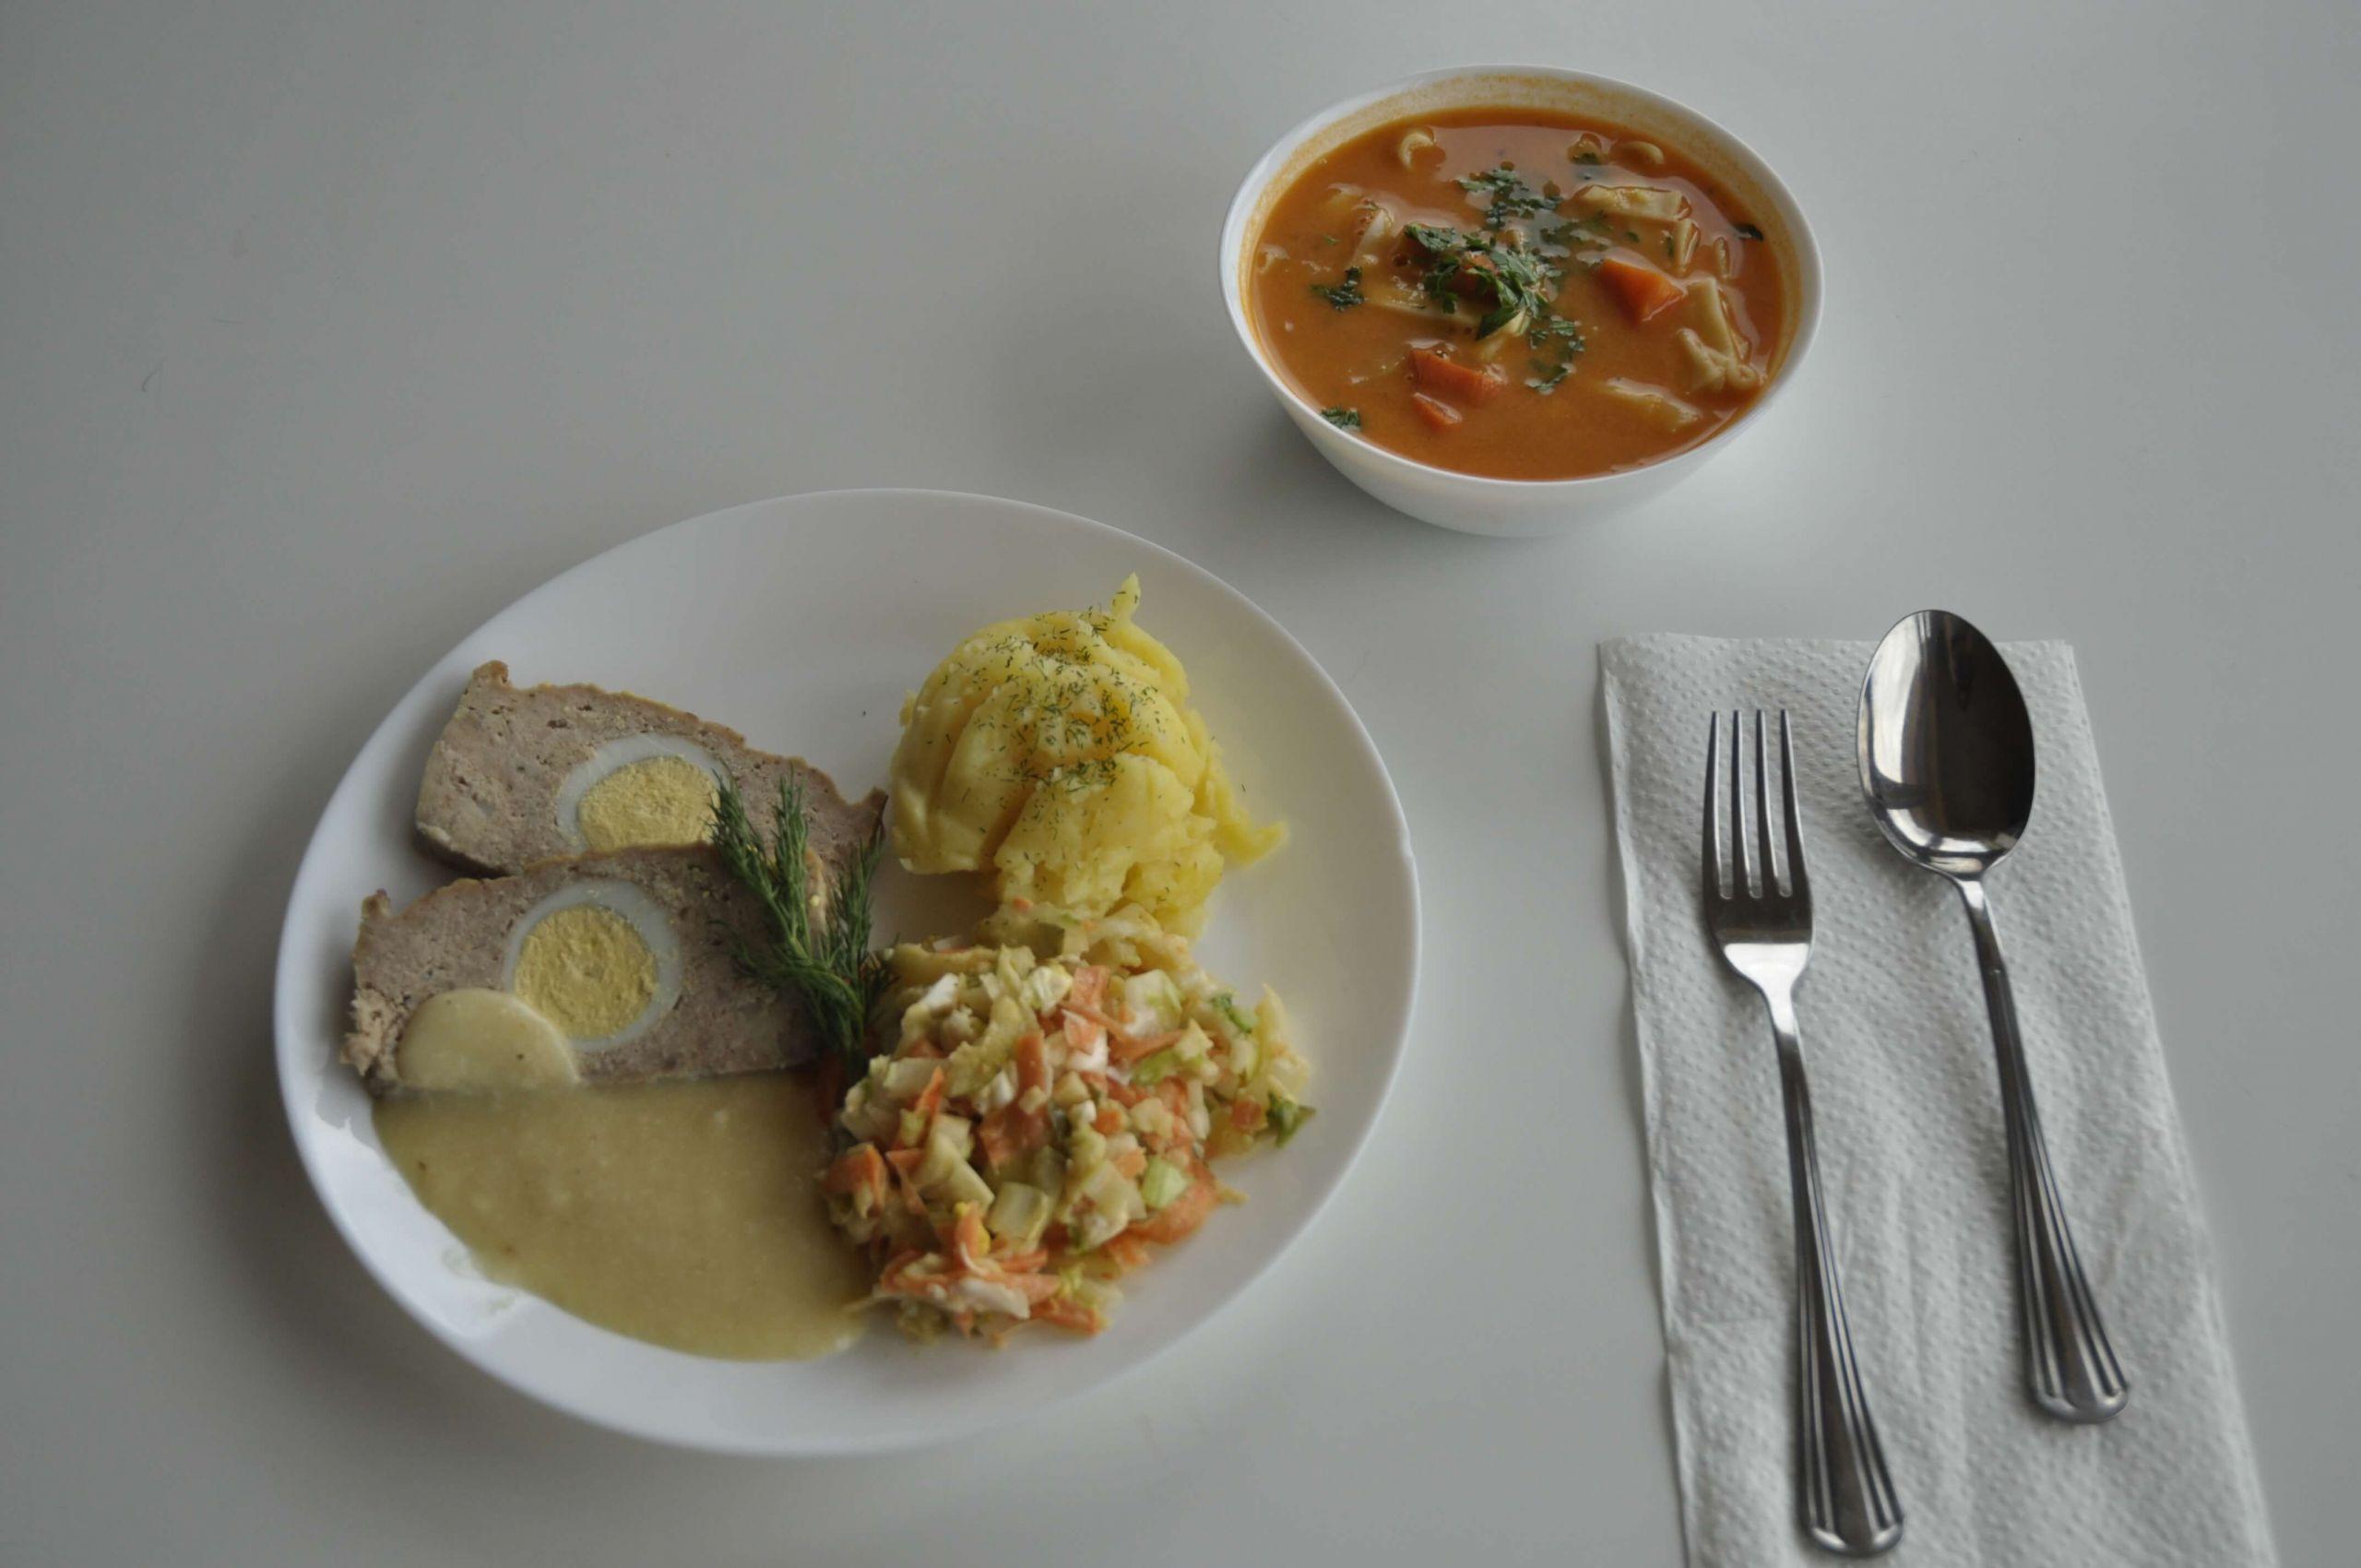 kuchnia pieczeń rzymska w sosie chrzanowym z surówką i ziemniakami oraz zupa pomidorowa